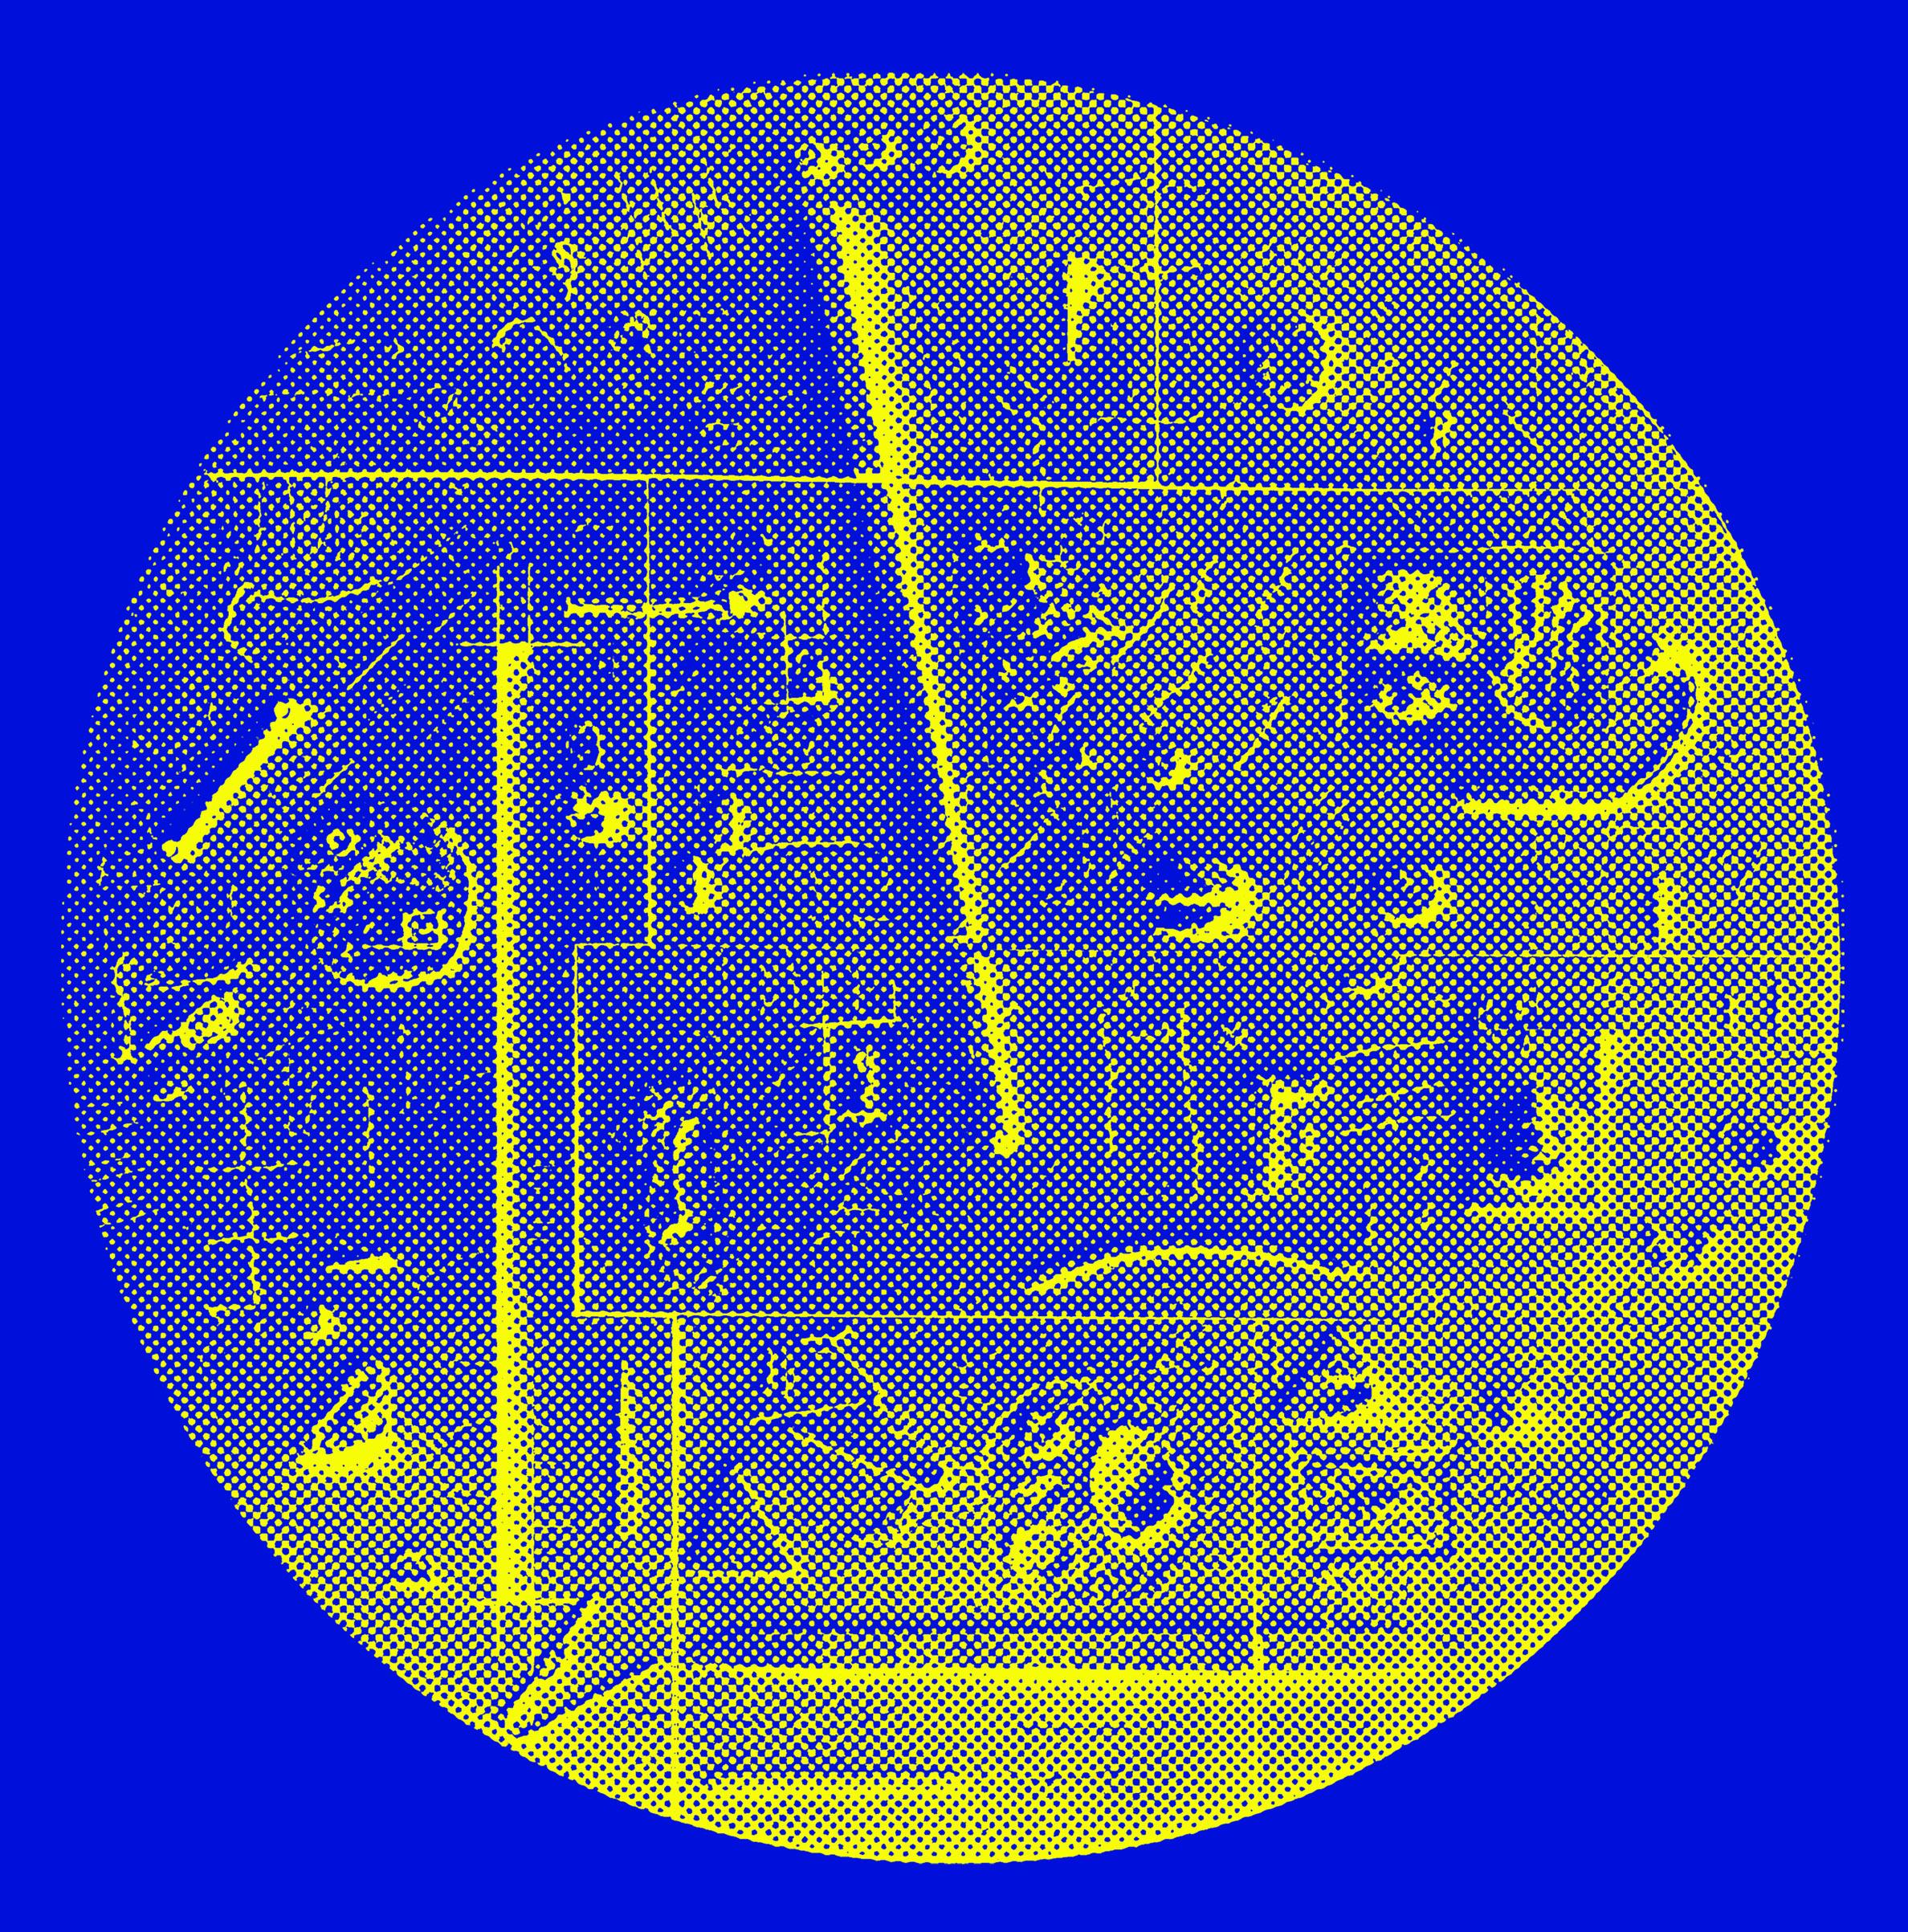 Edler_TwoMinutesPrint Blue.jpg